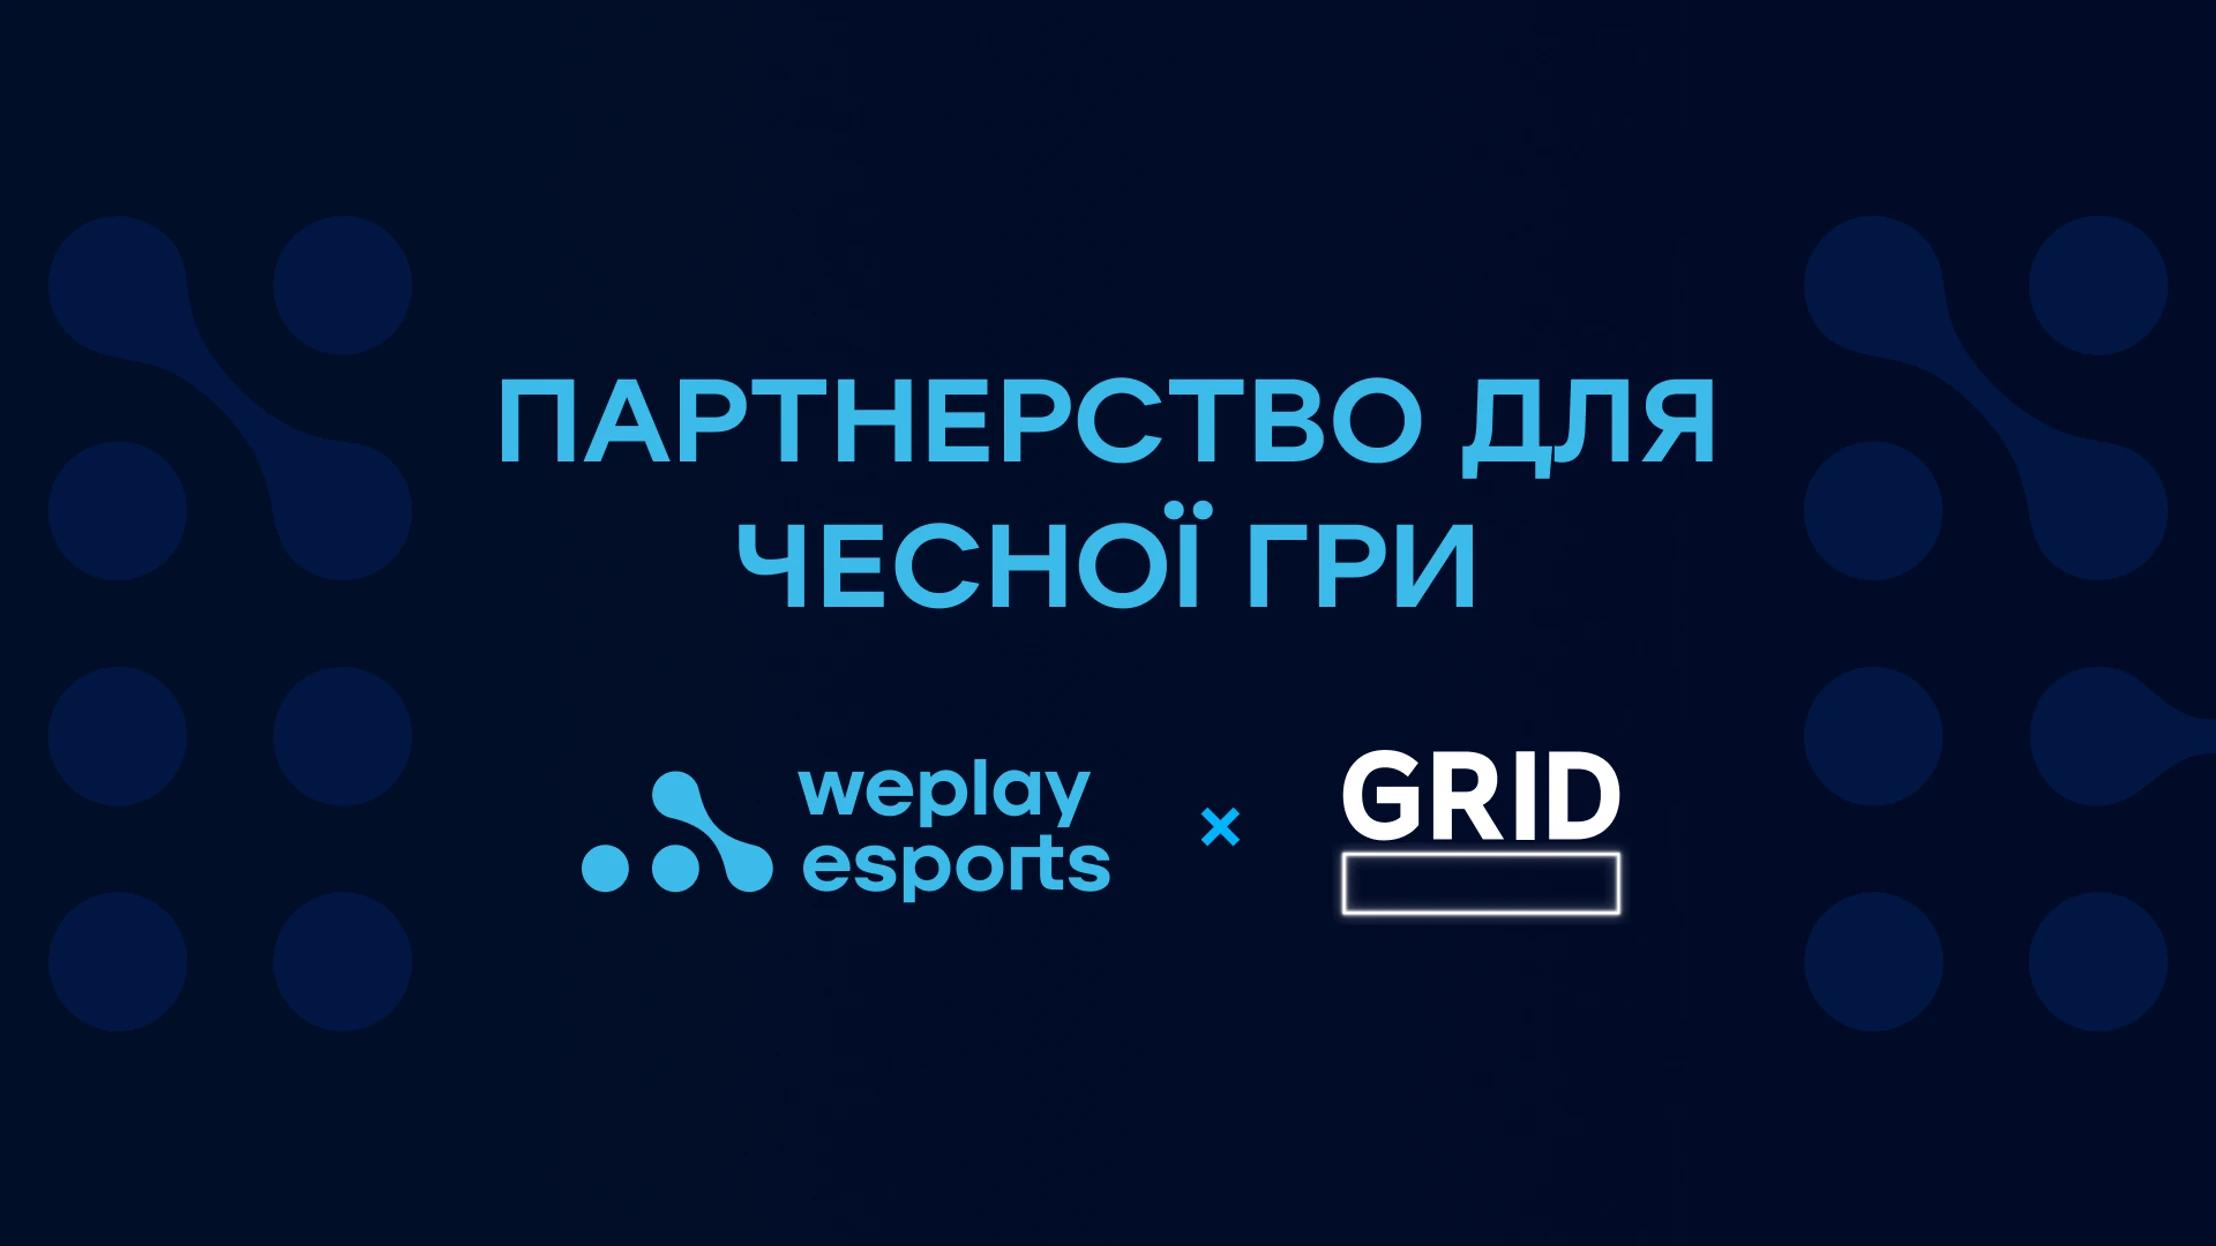 WePlay Esports і GRID: партнерство для чесної гри